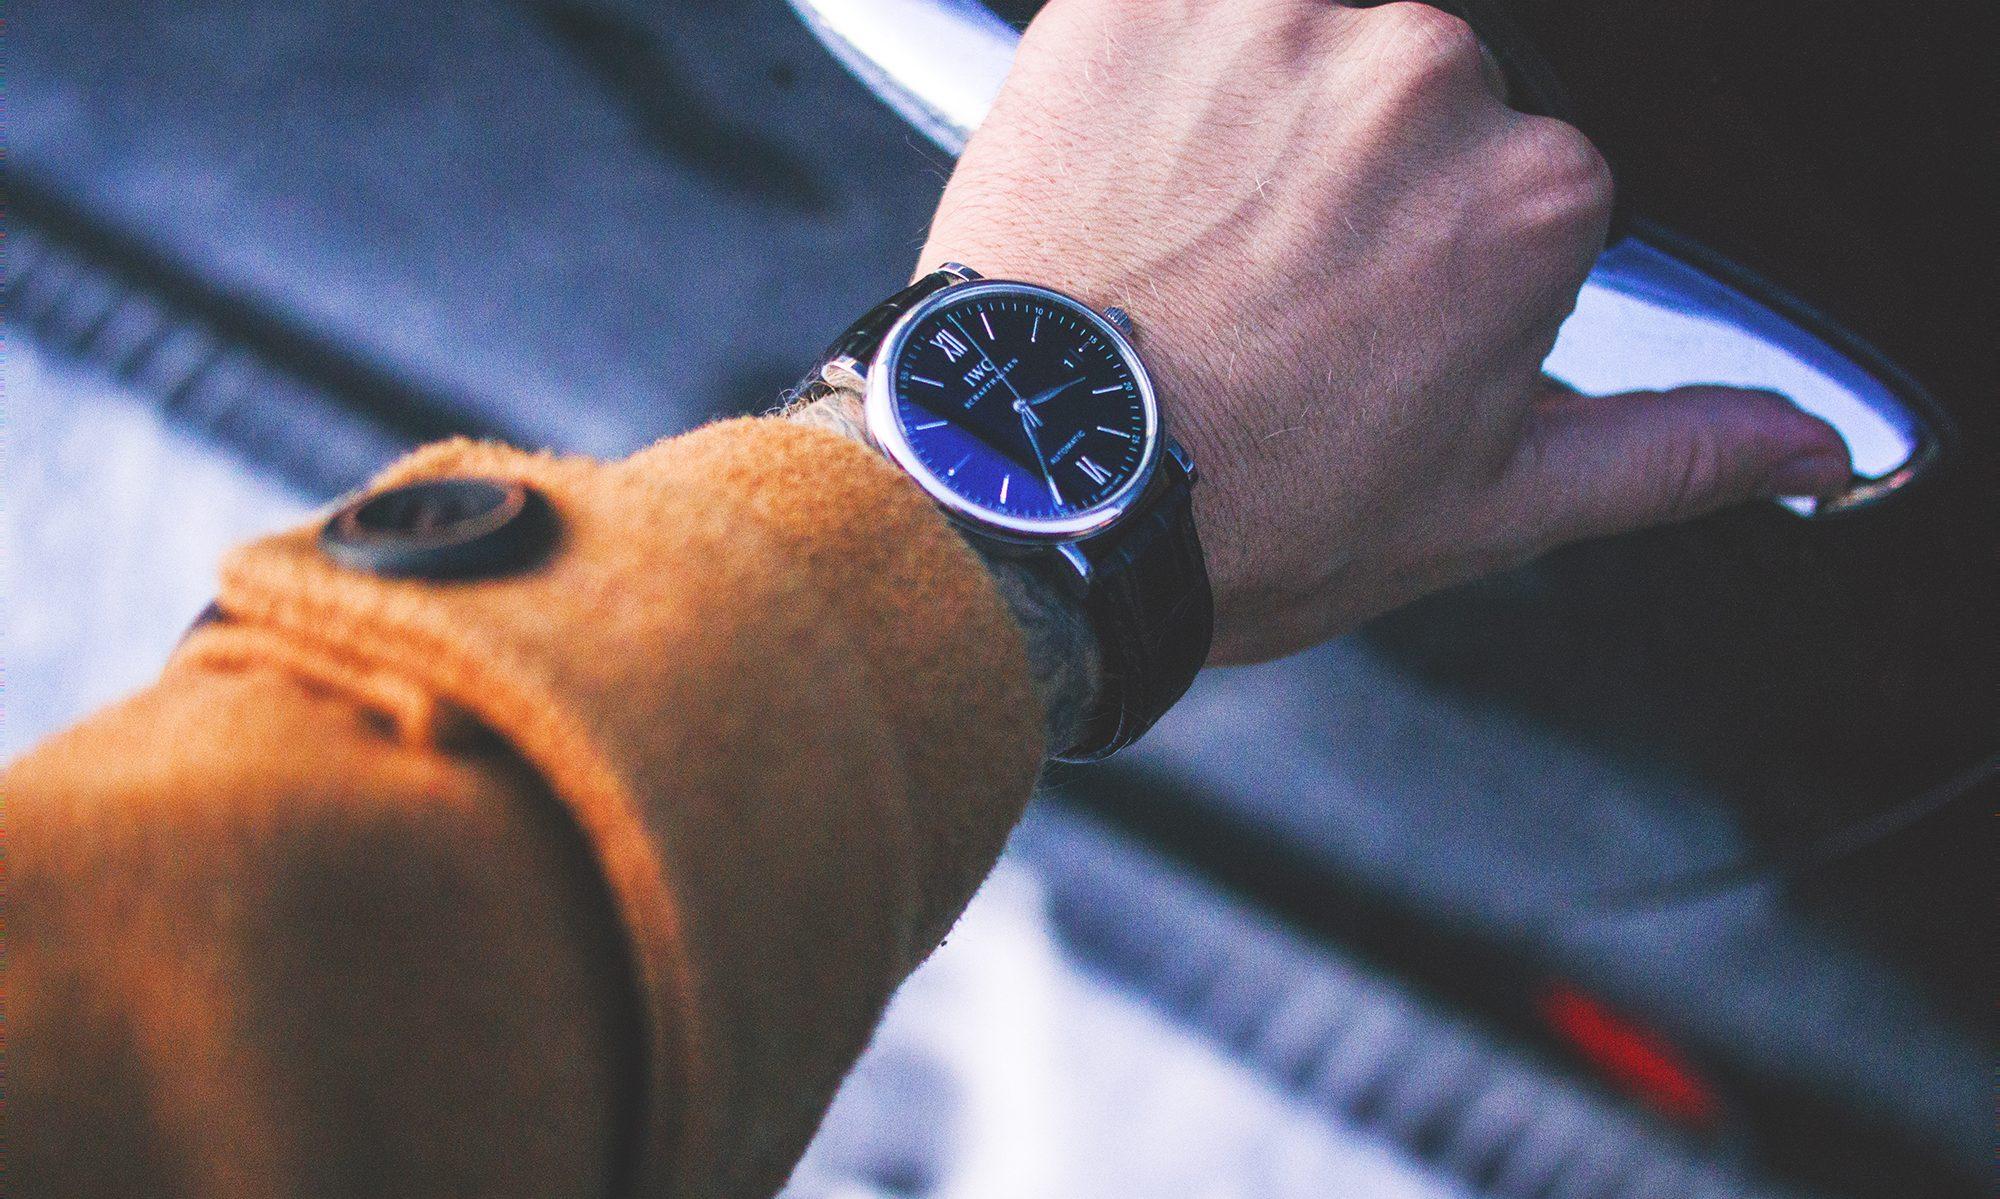 TimeRating.com